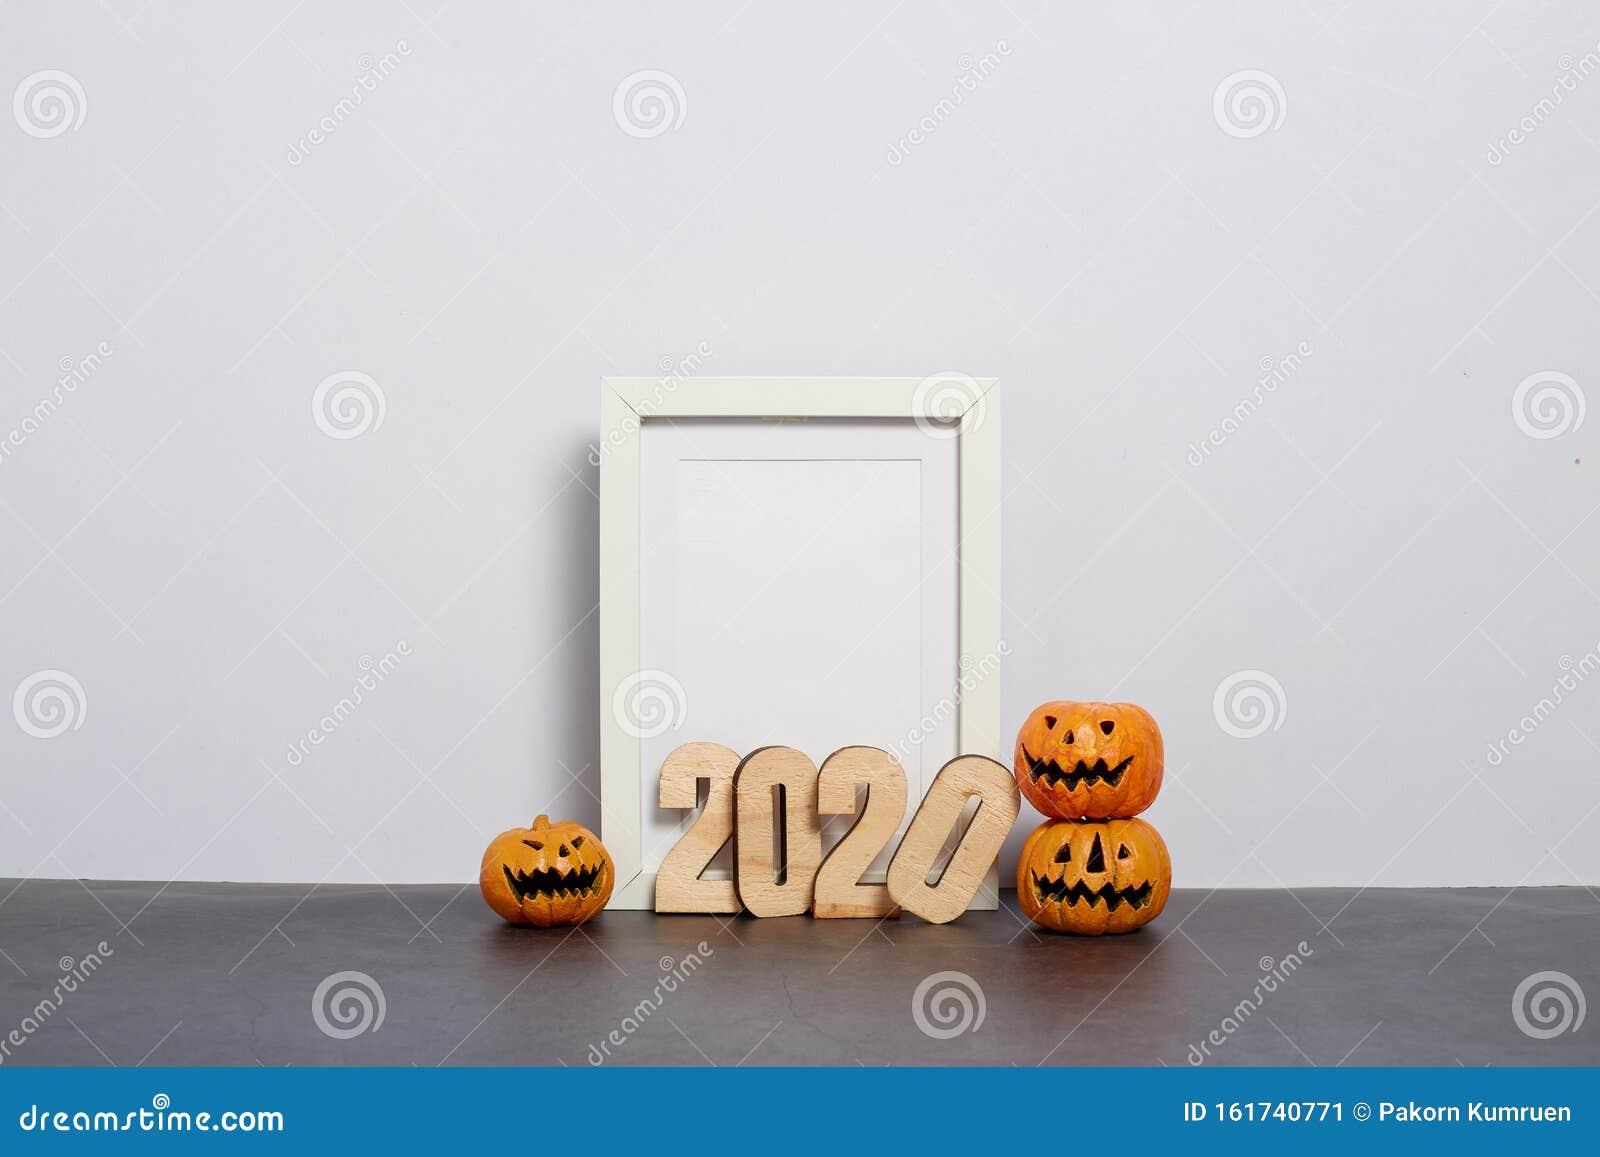 Halloween 2020 Cop Jackolantern Mock Up Black Frame With Jack O Lantern Stock Image   Image of